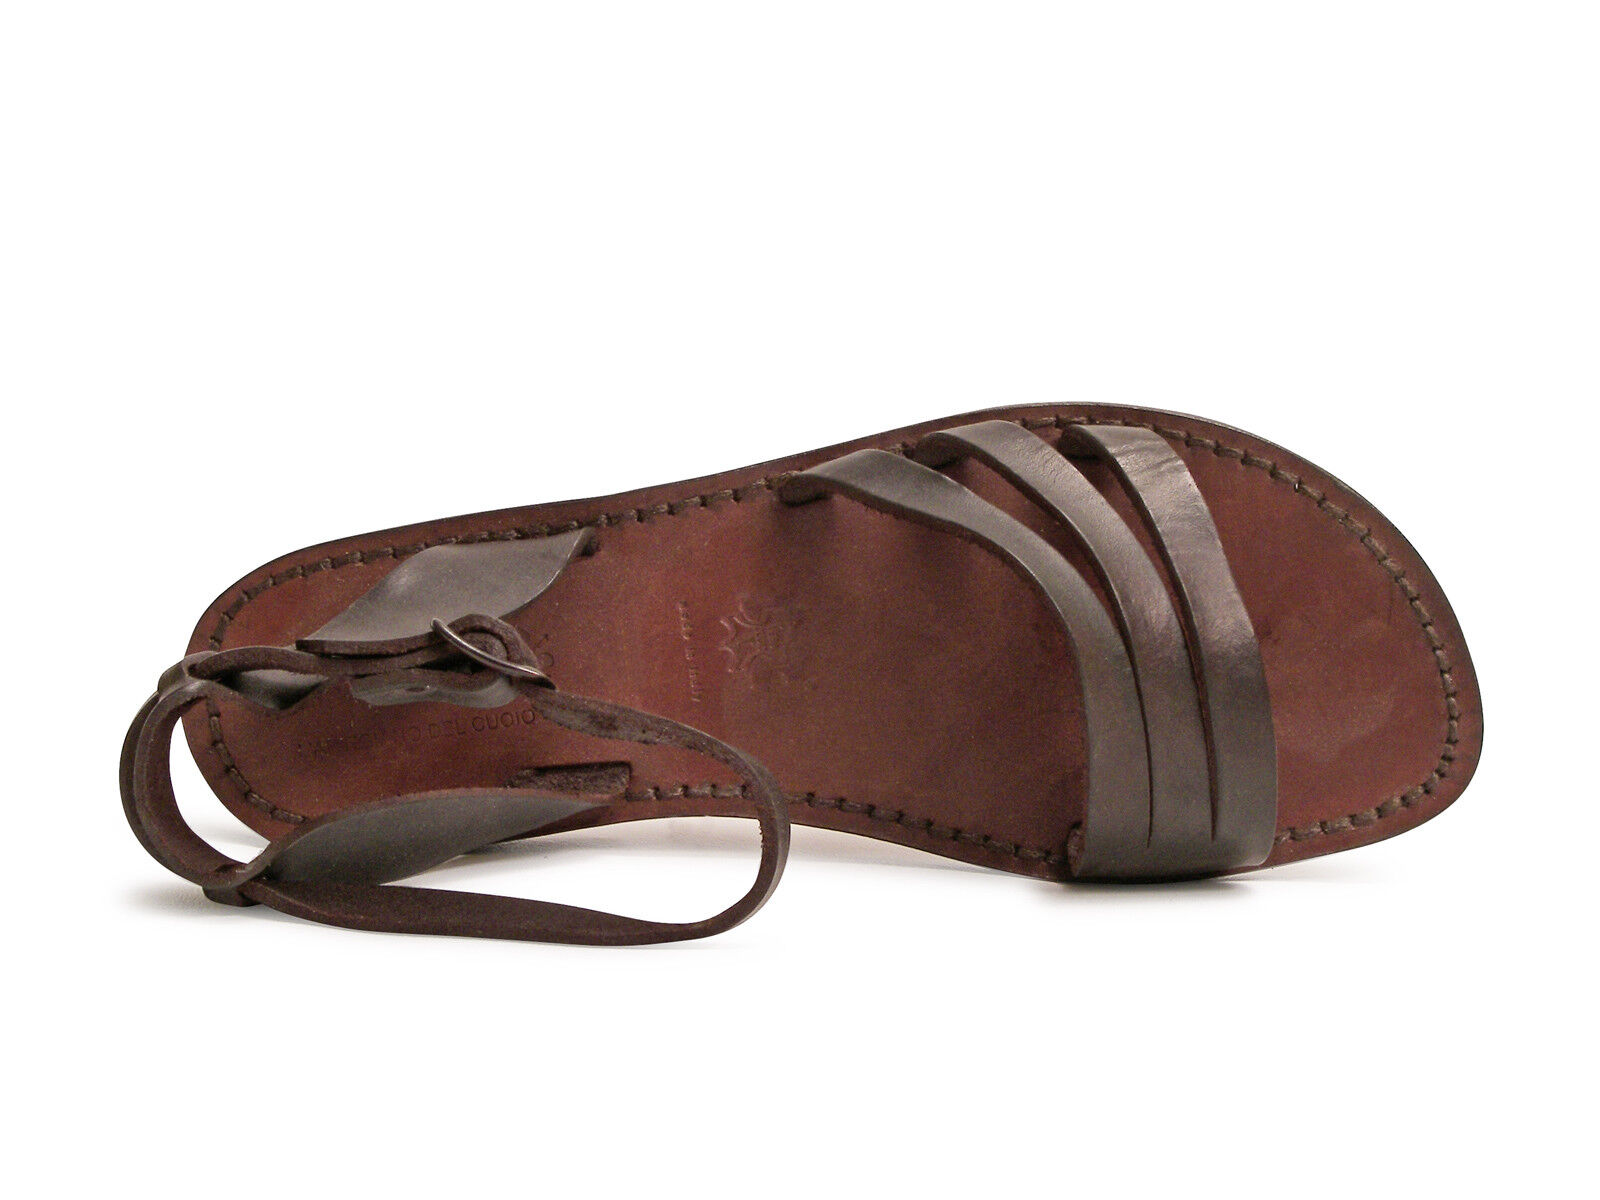 Braun Leder ankle strap handmade franciscan Sandales for Damenss handmade strap in  8cd3b3